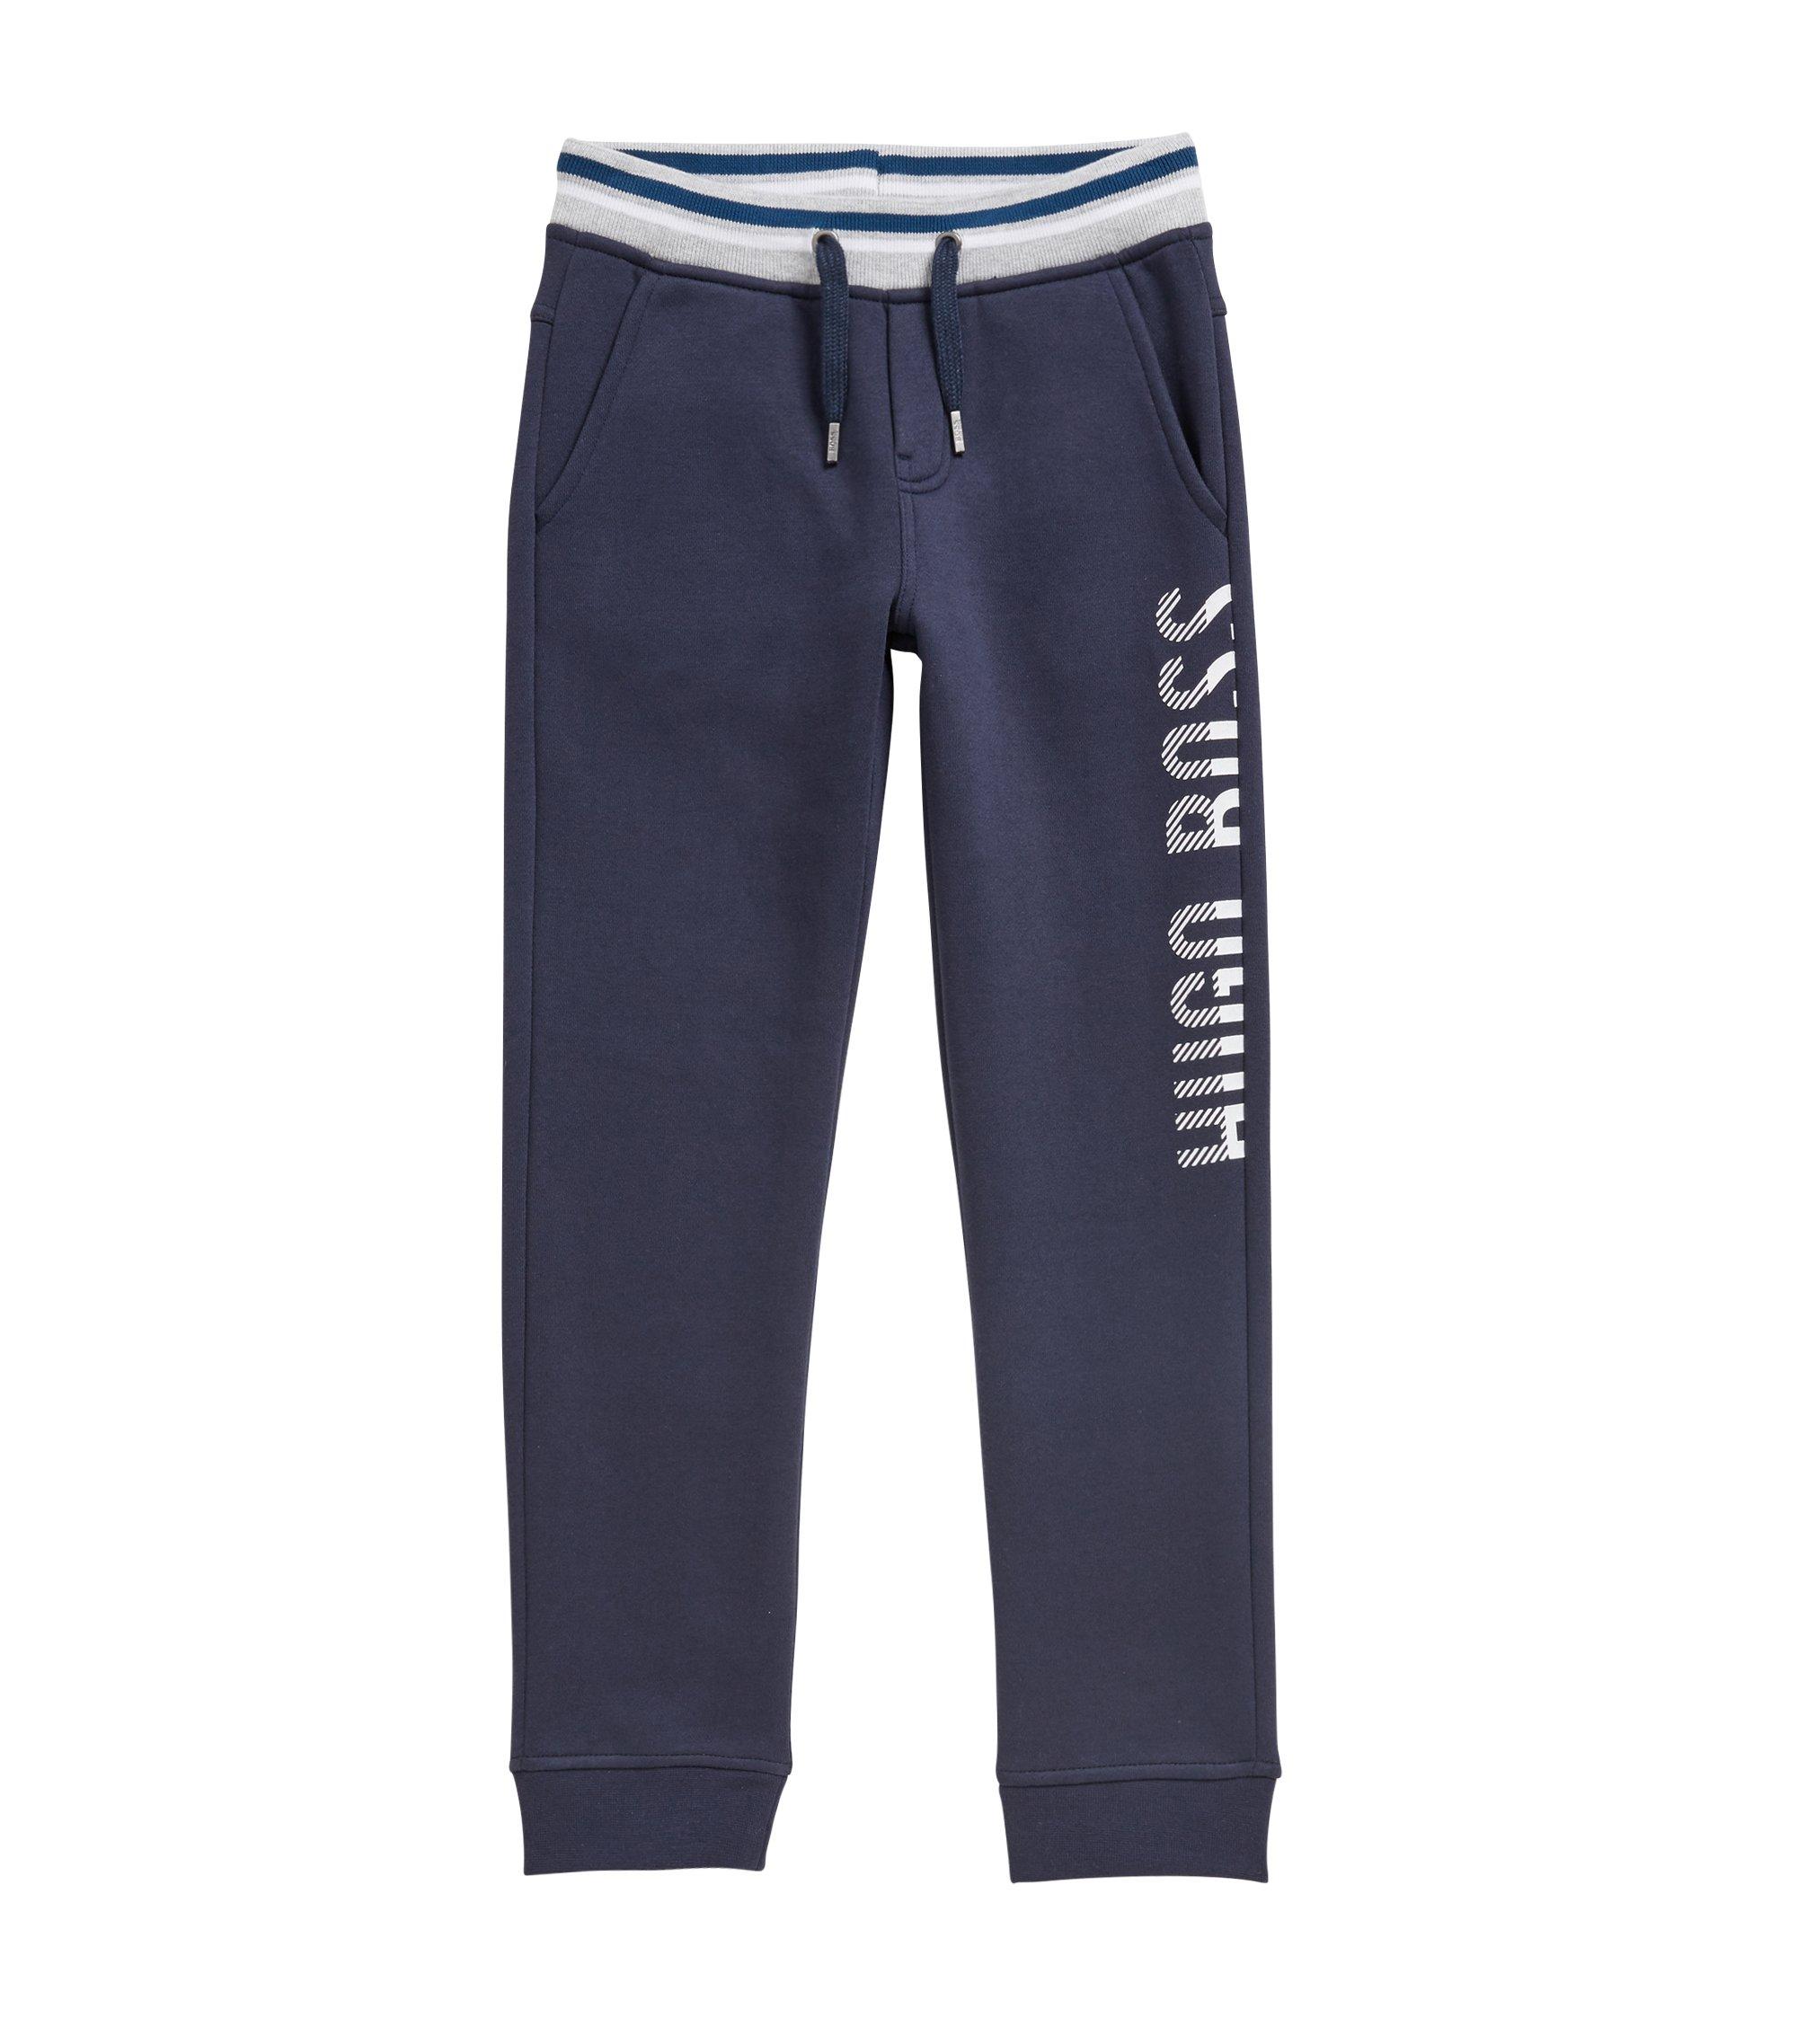 Pantalon d'intérieur pour enfant en molleton de coton mélangé, Bleu foncé